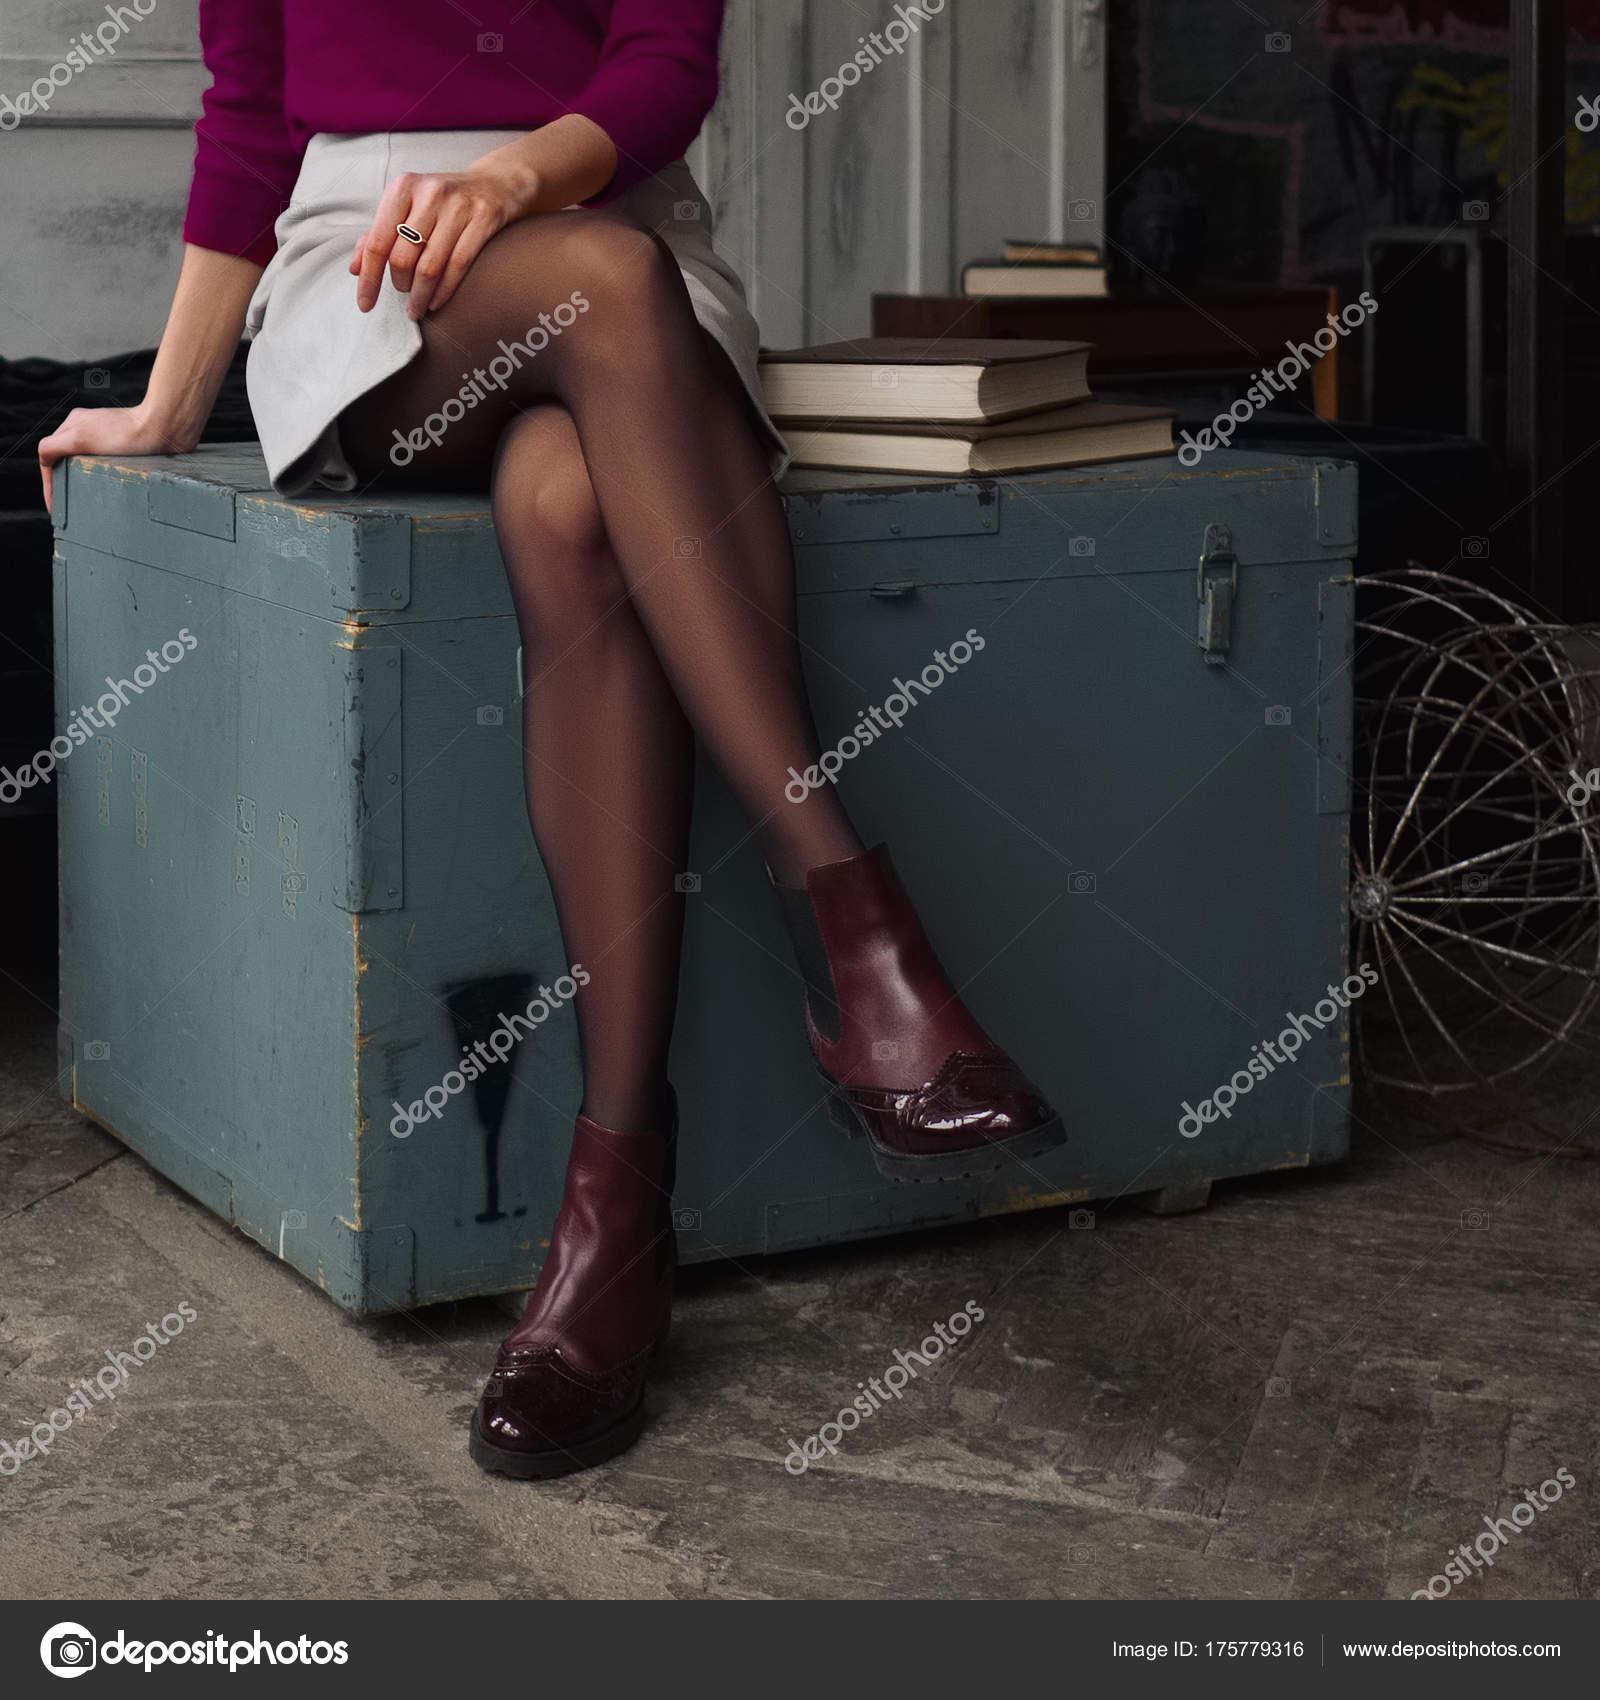 04d1581b8 Piernas mujeres en falda corta y medias negras sentada en caja de ...